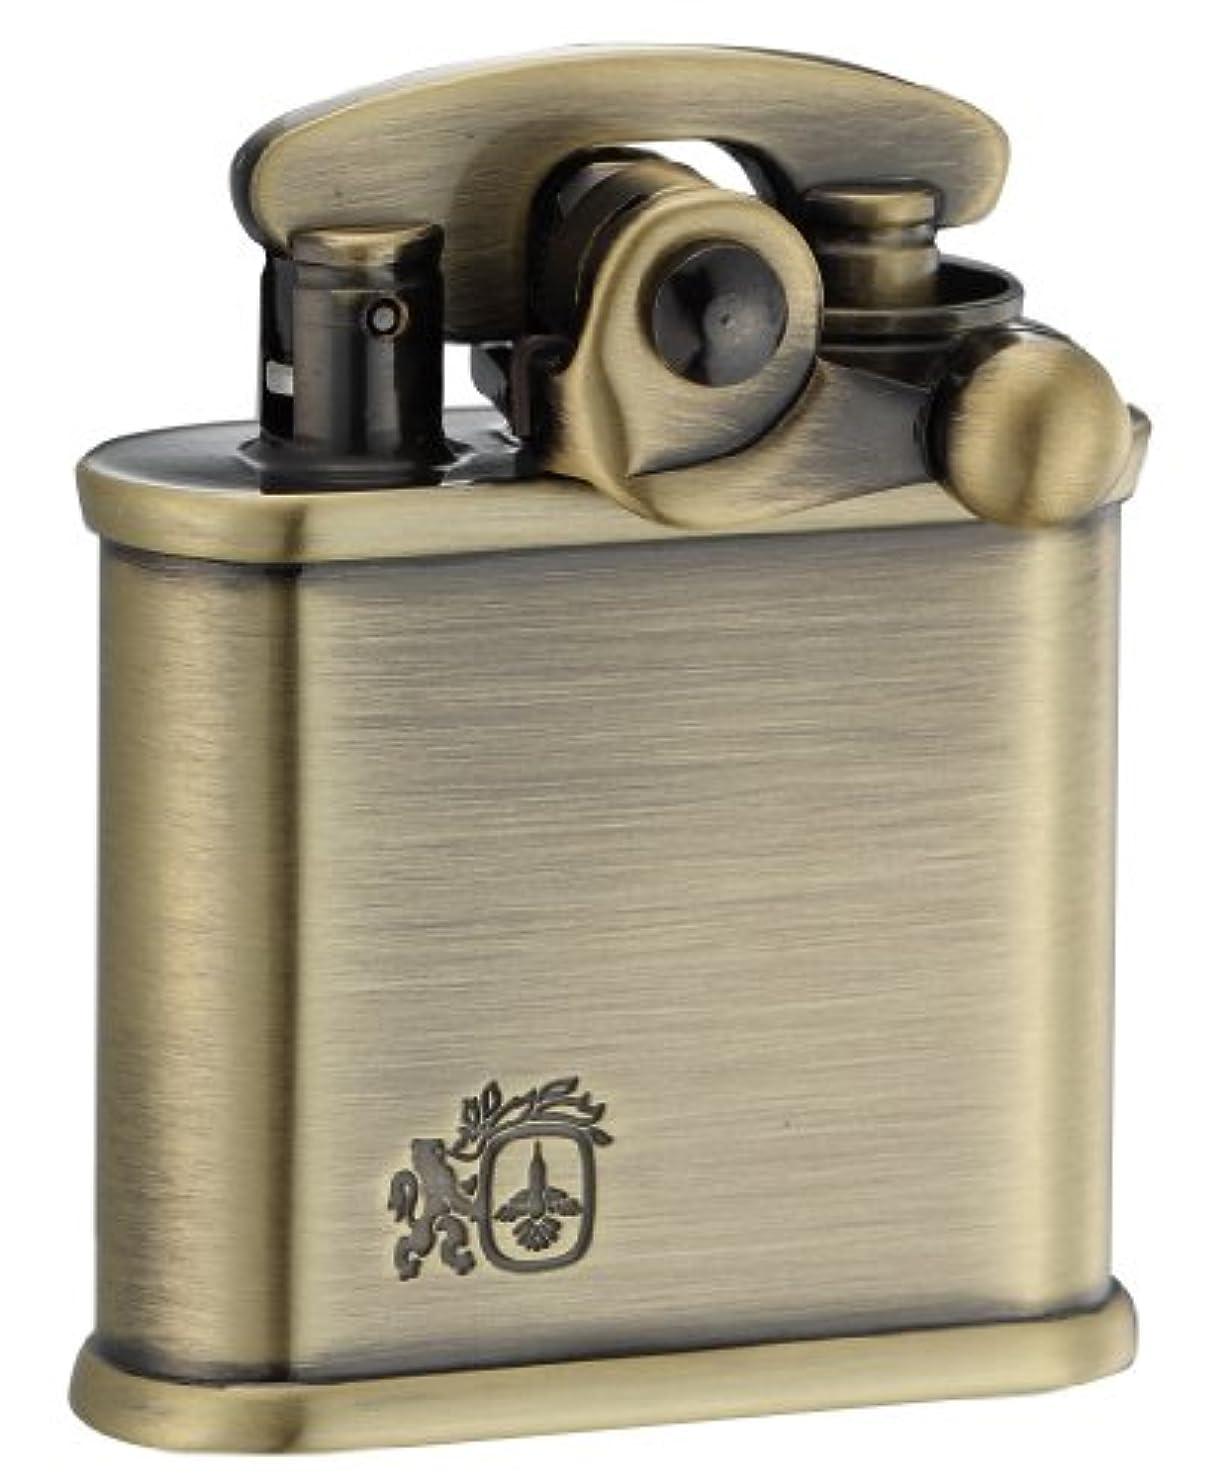 経済的評決落ち着いたCOLIBRI(コリブリ) オイルライター フリント式 日本製 ブラス 古美 ライオン 308-0010